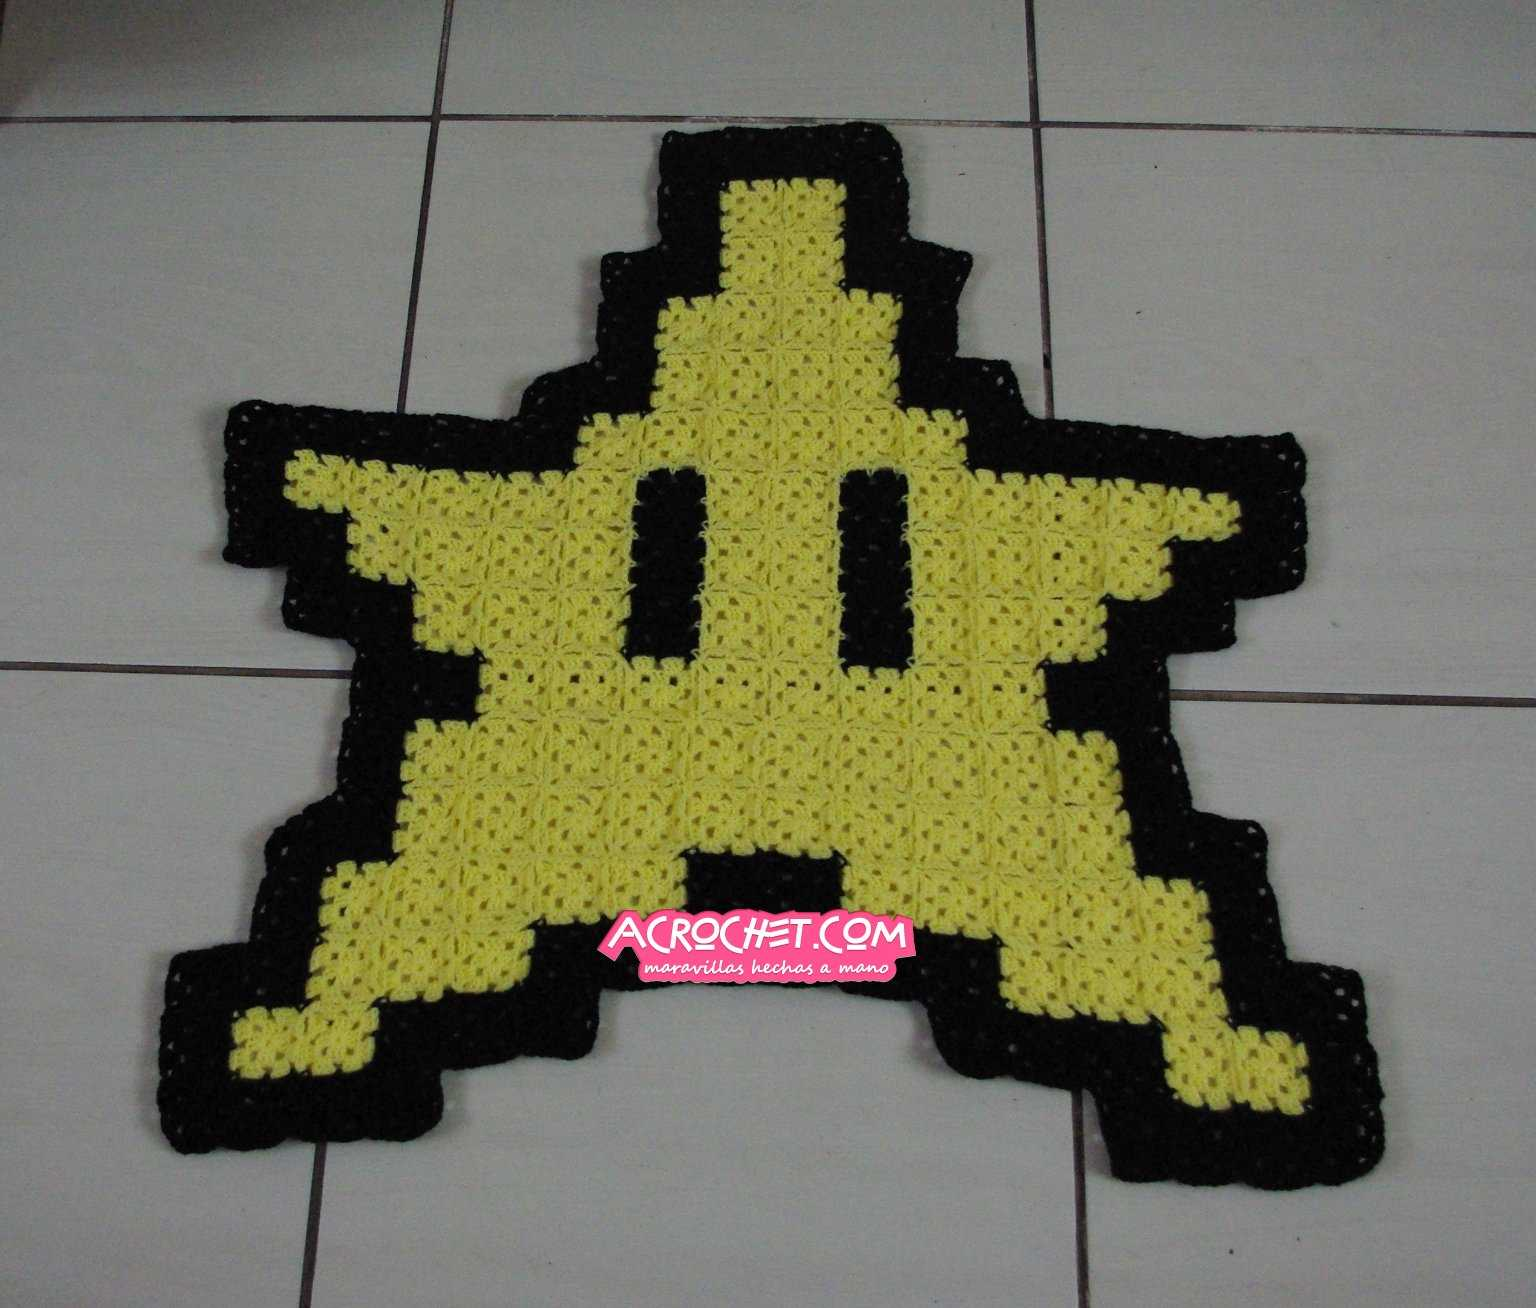 Los amigos de Mario Bros   Blog a Crochet - ACrochet